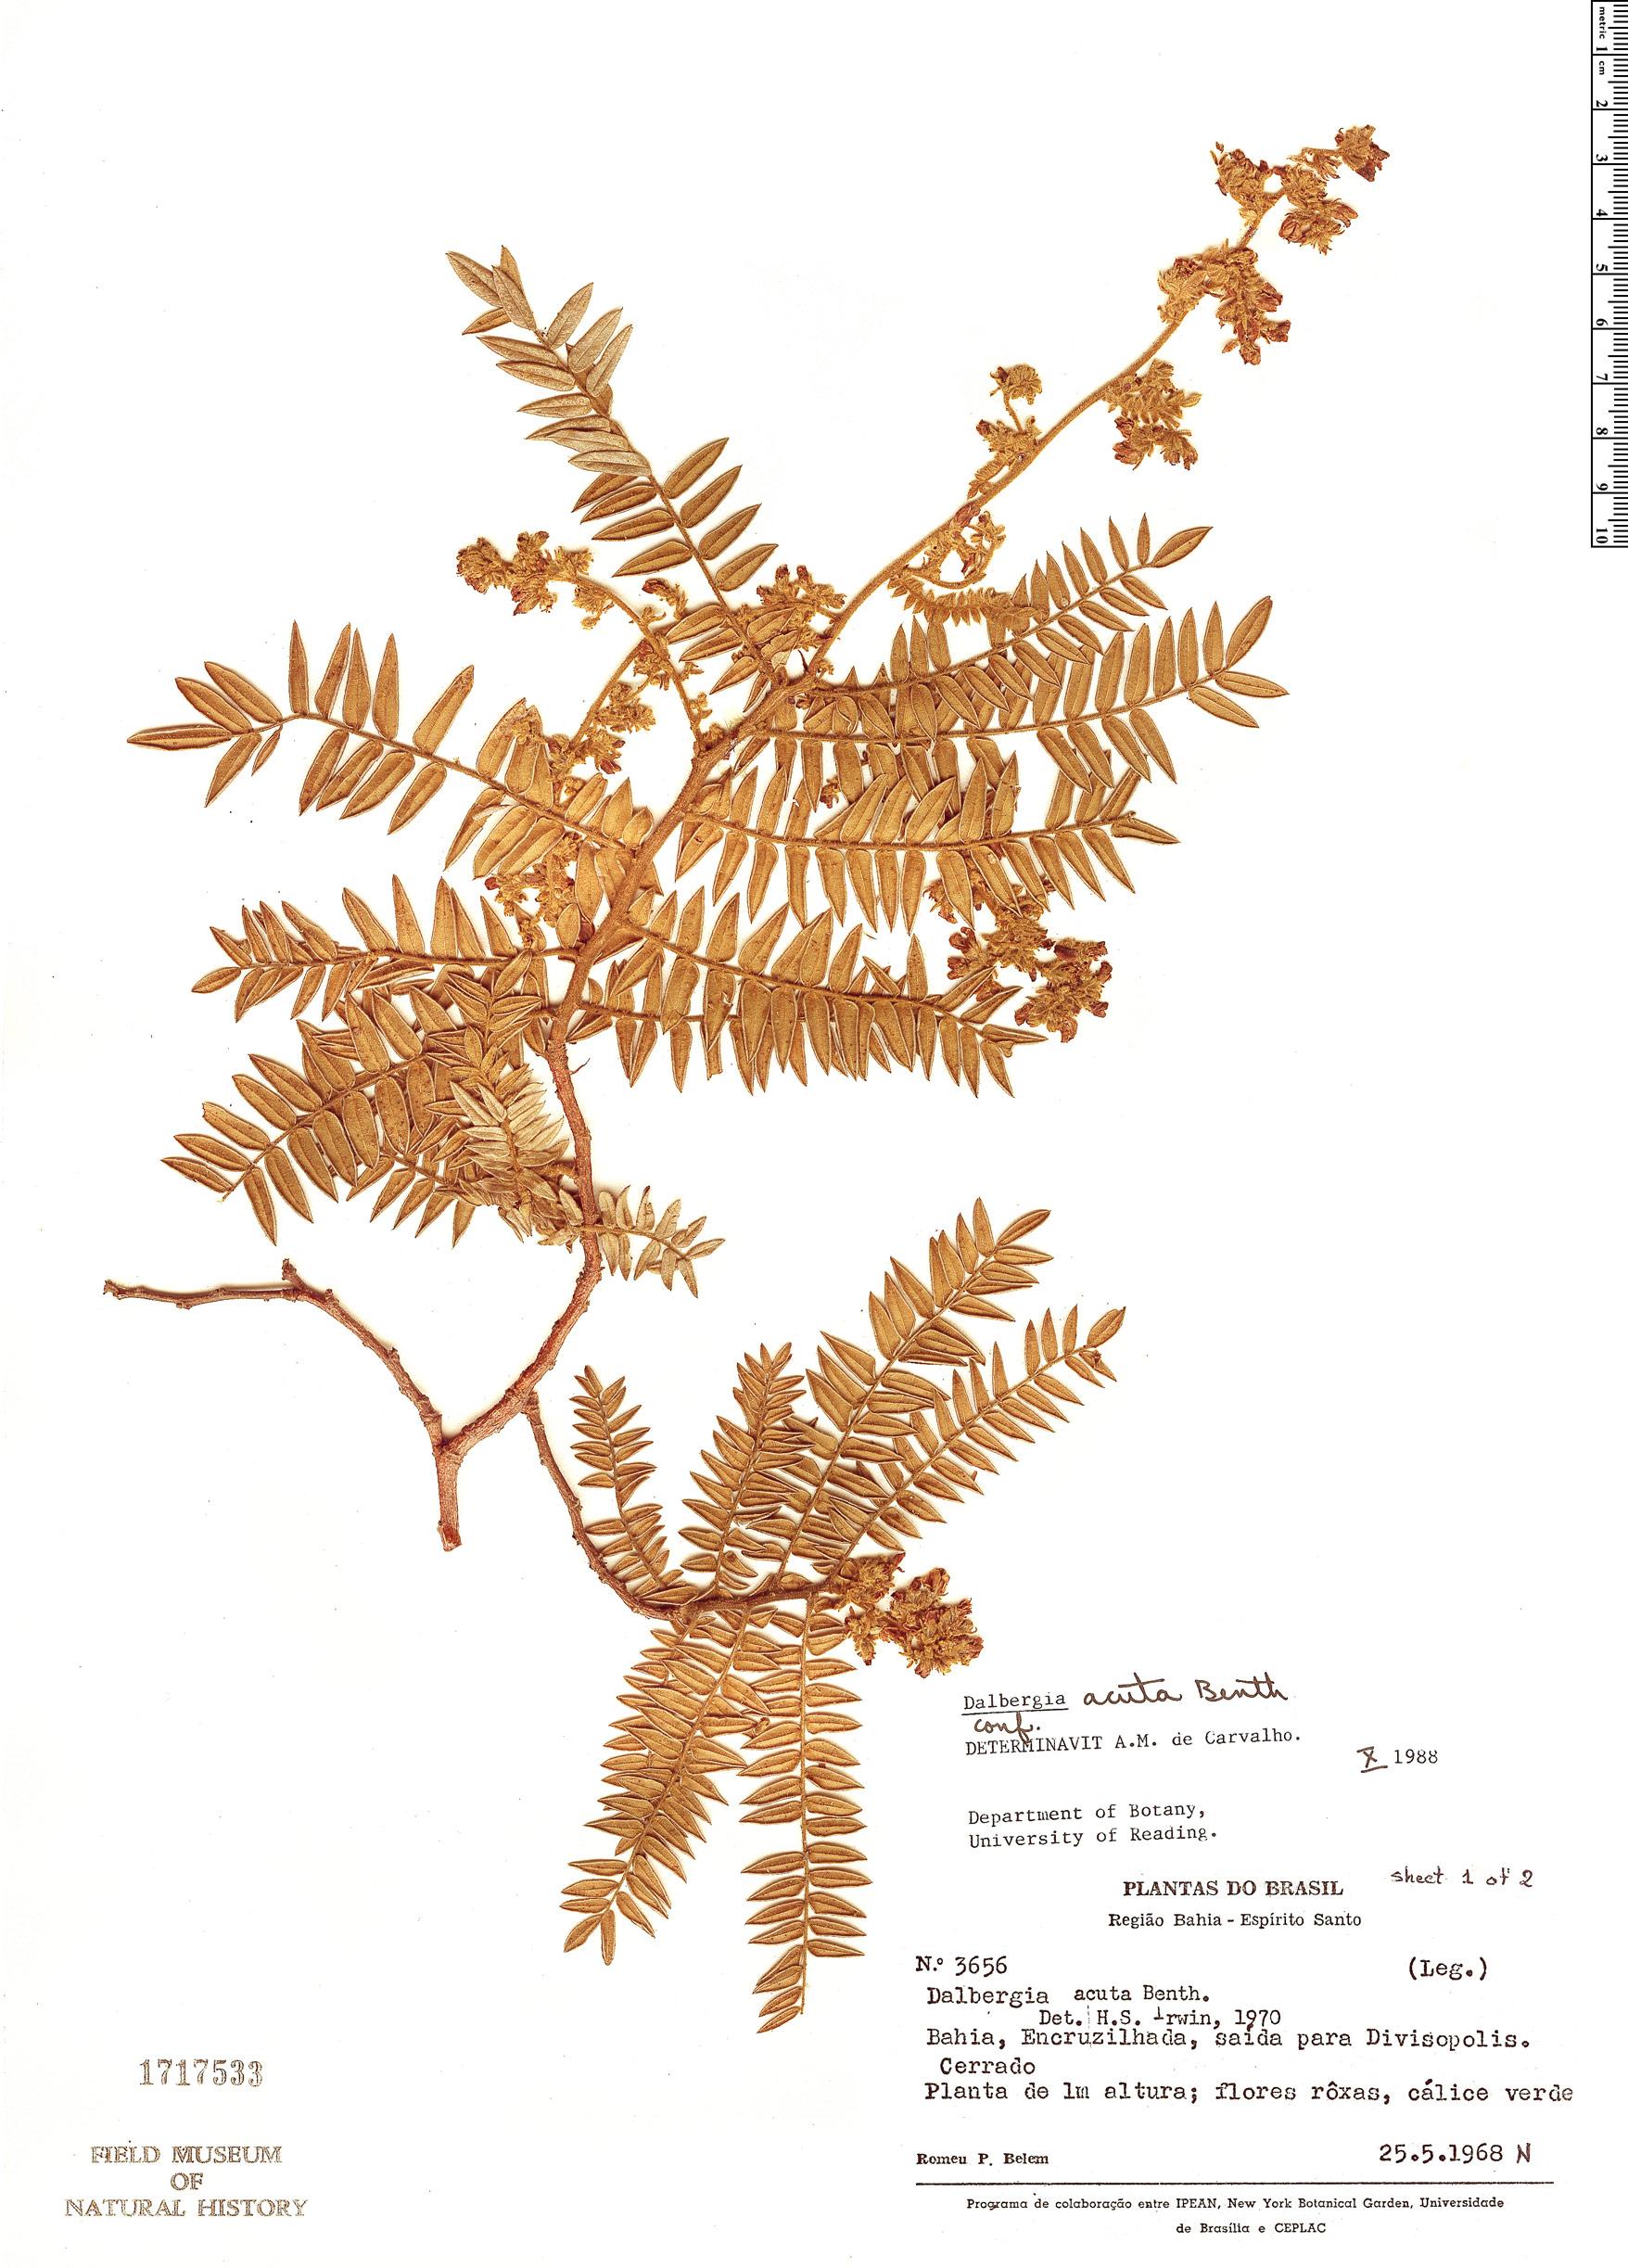 Specimen: Dalbergia acuta